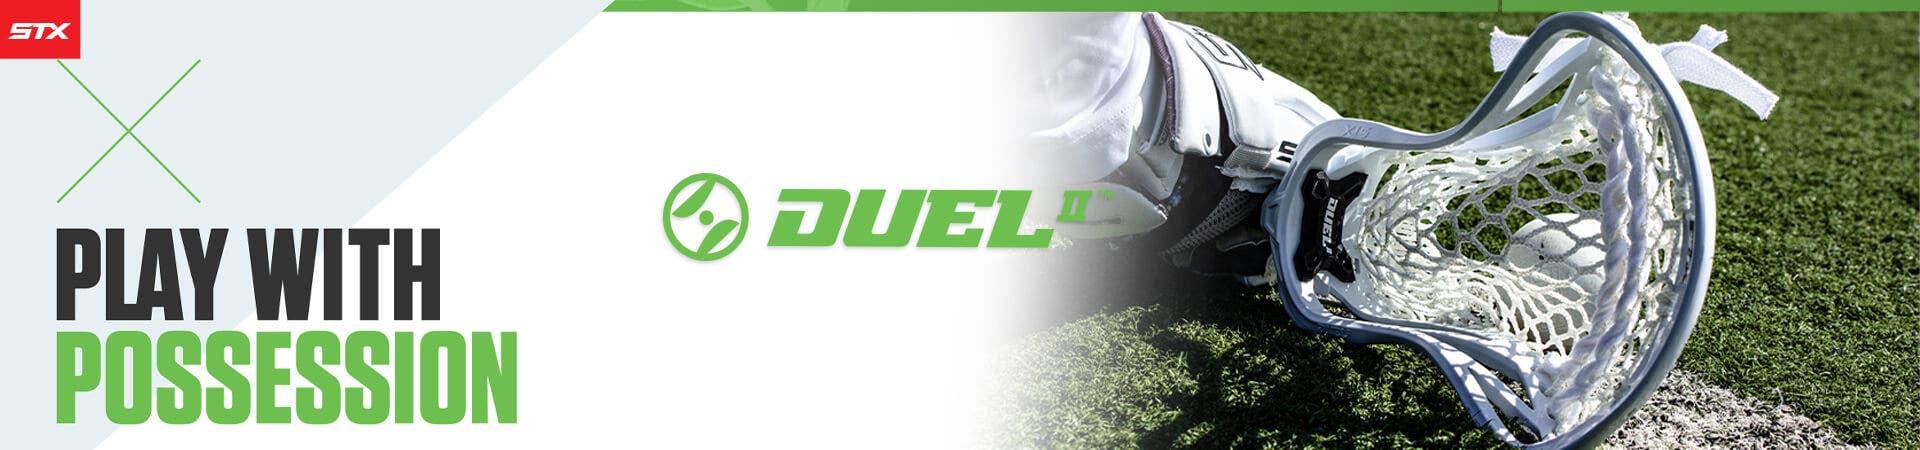 STX Duel II - DESKTOP